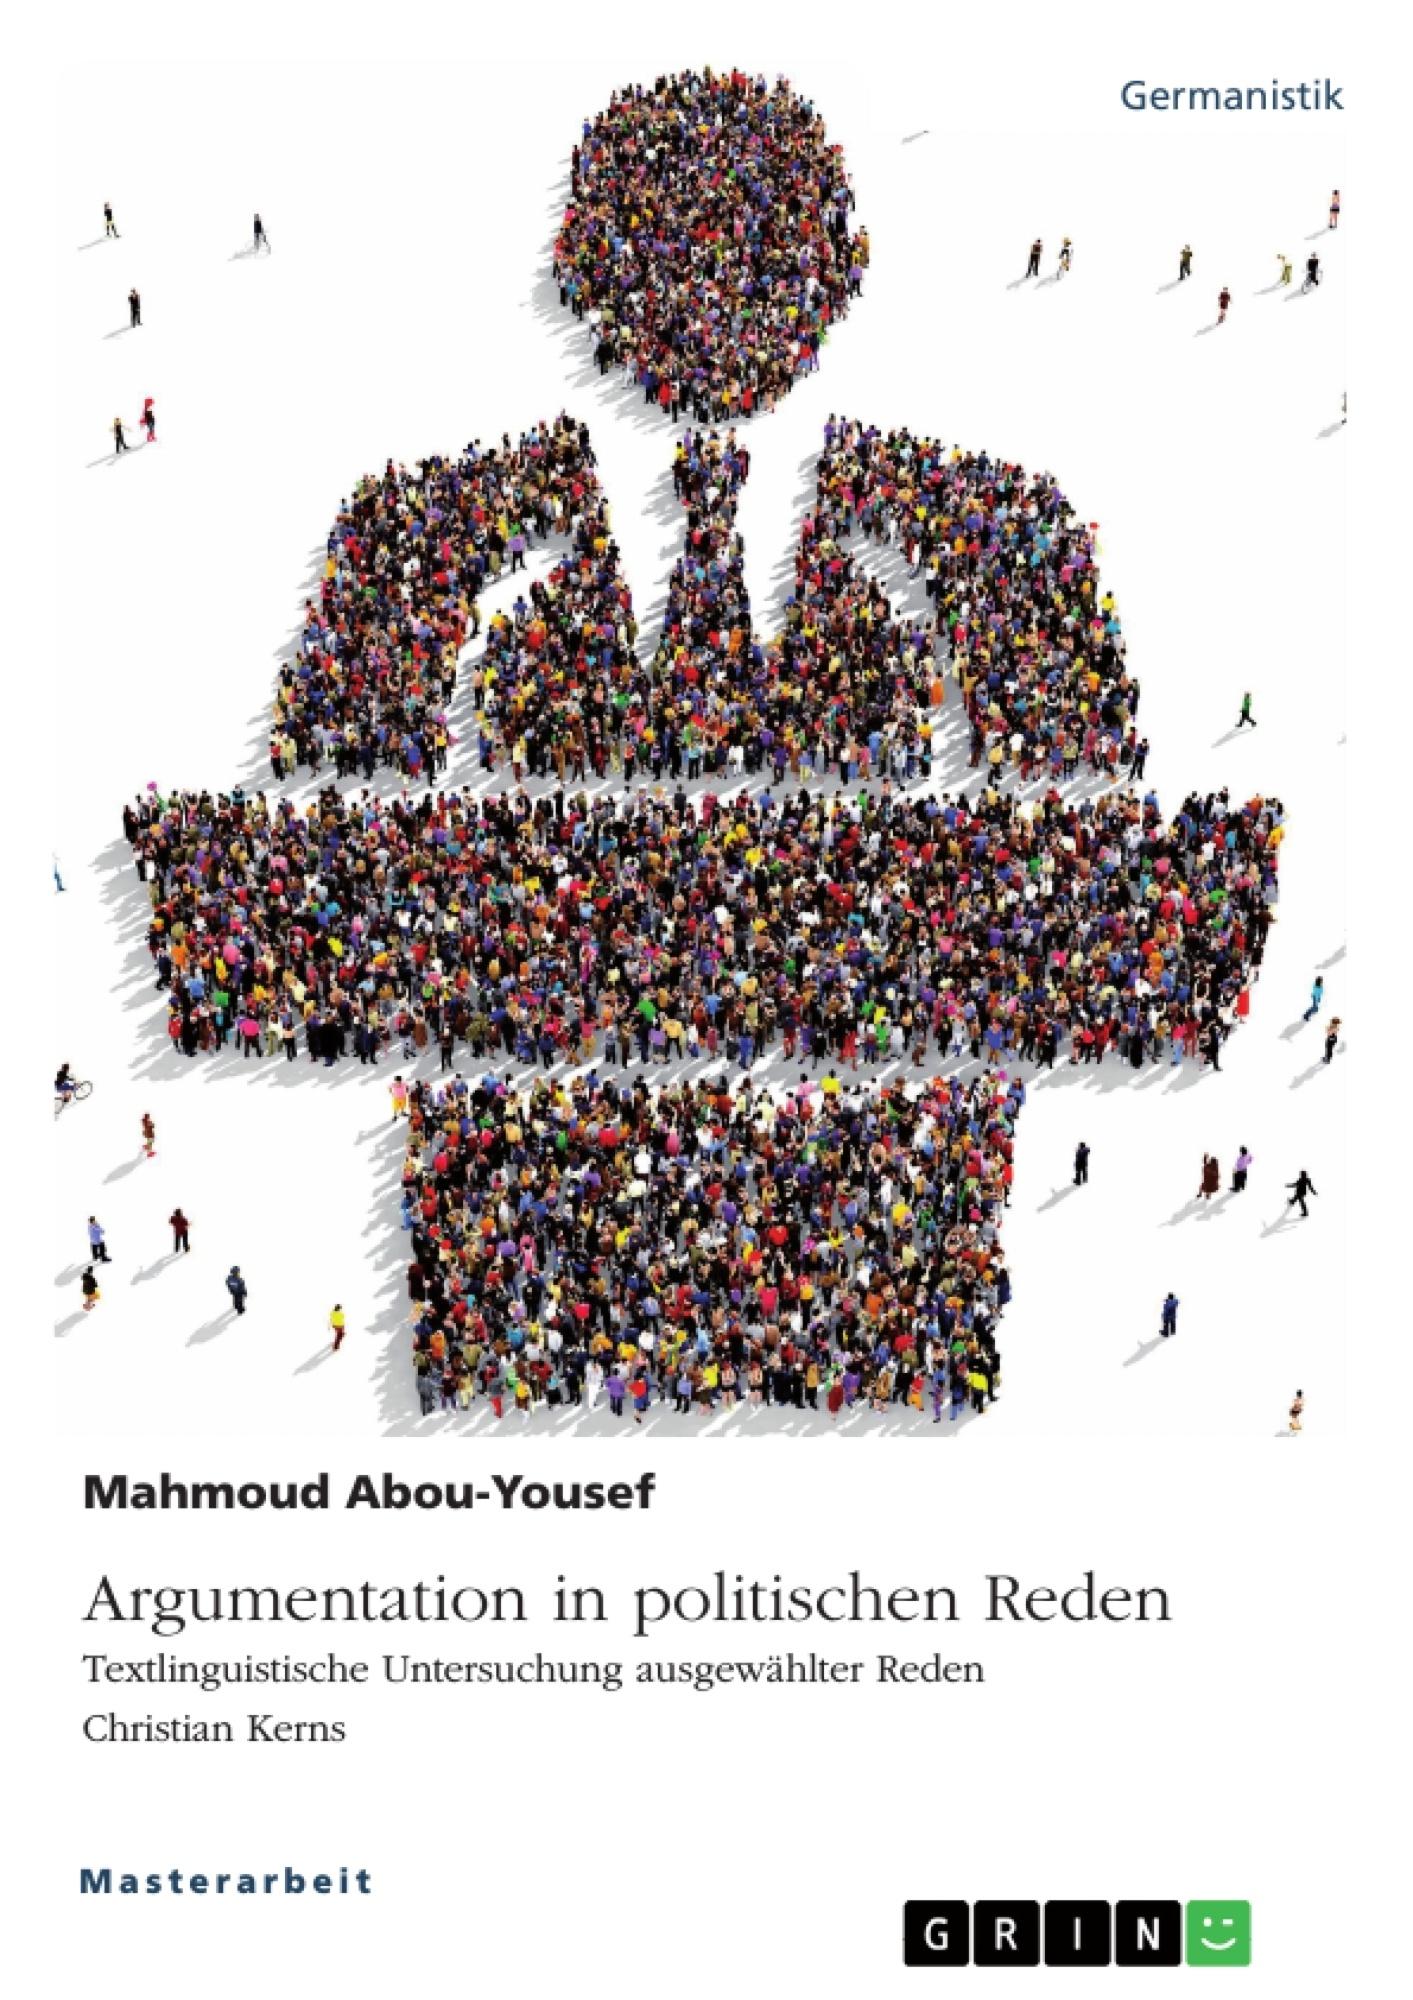 Titel: Argumentation in politischen Reden. Textlinguistische Untersuchung ausgewählter Reden Christian Kerns